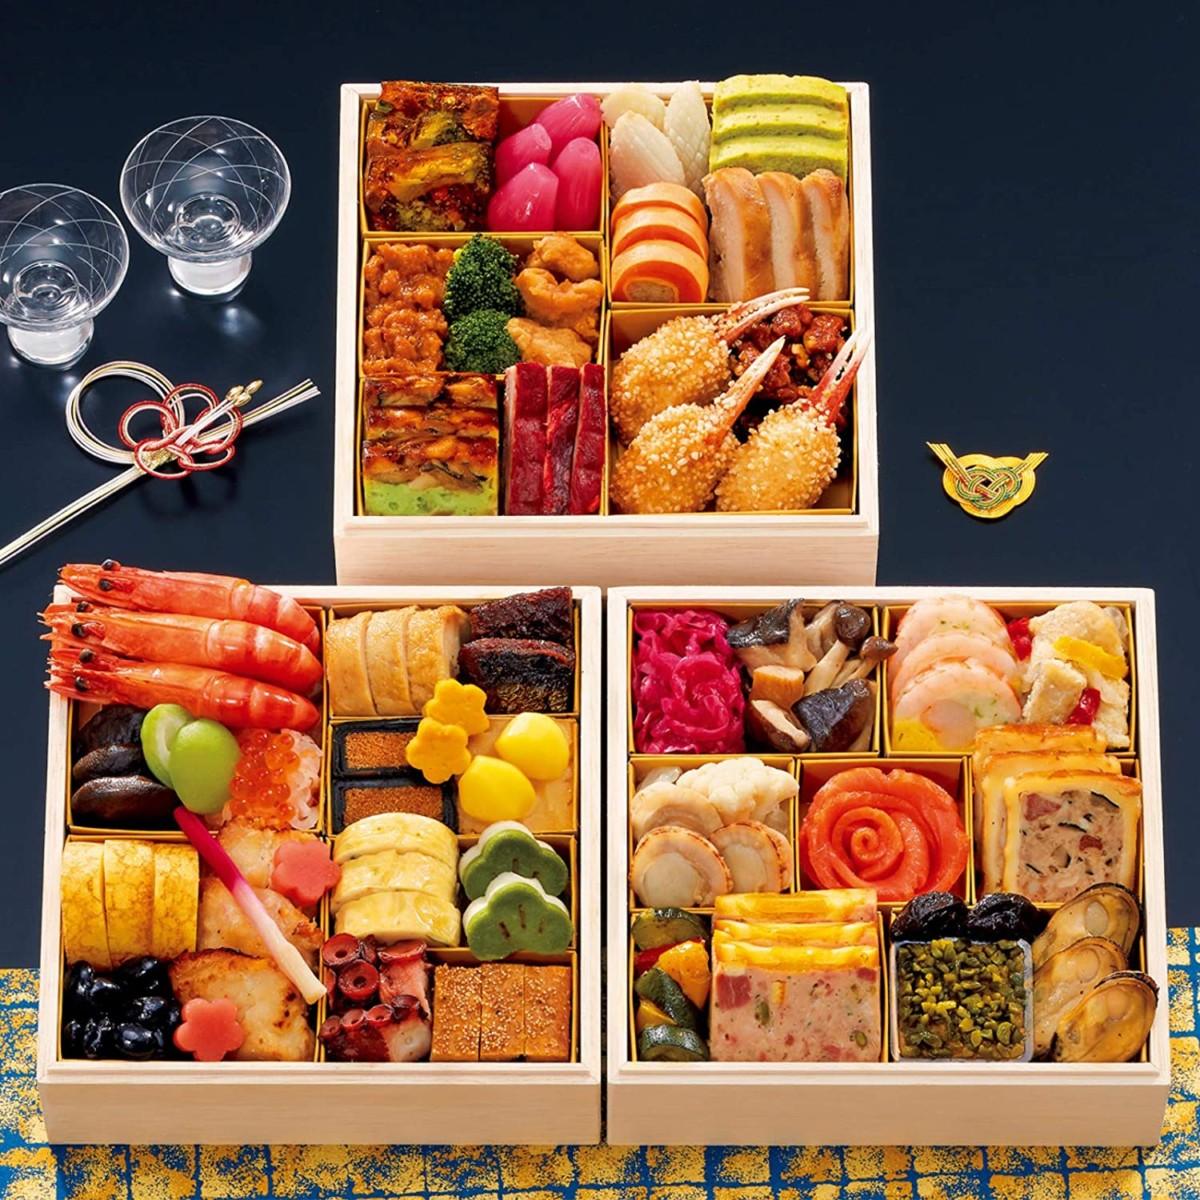 ホテル ハイアット リージェンシー 東京 監修 おせち料理 2021 香寿 三段重 全43品 盛り付け済み 冷凍おせち 3人前~4人前 お届け日:12月30日